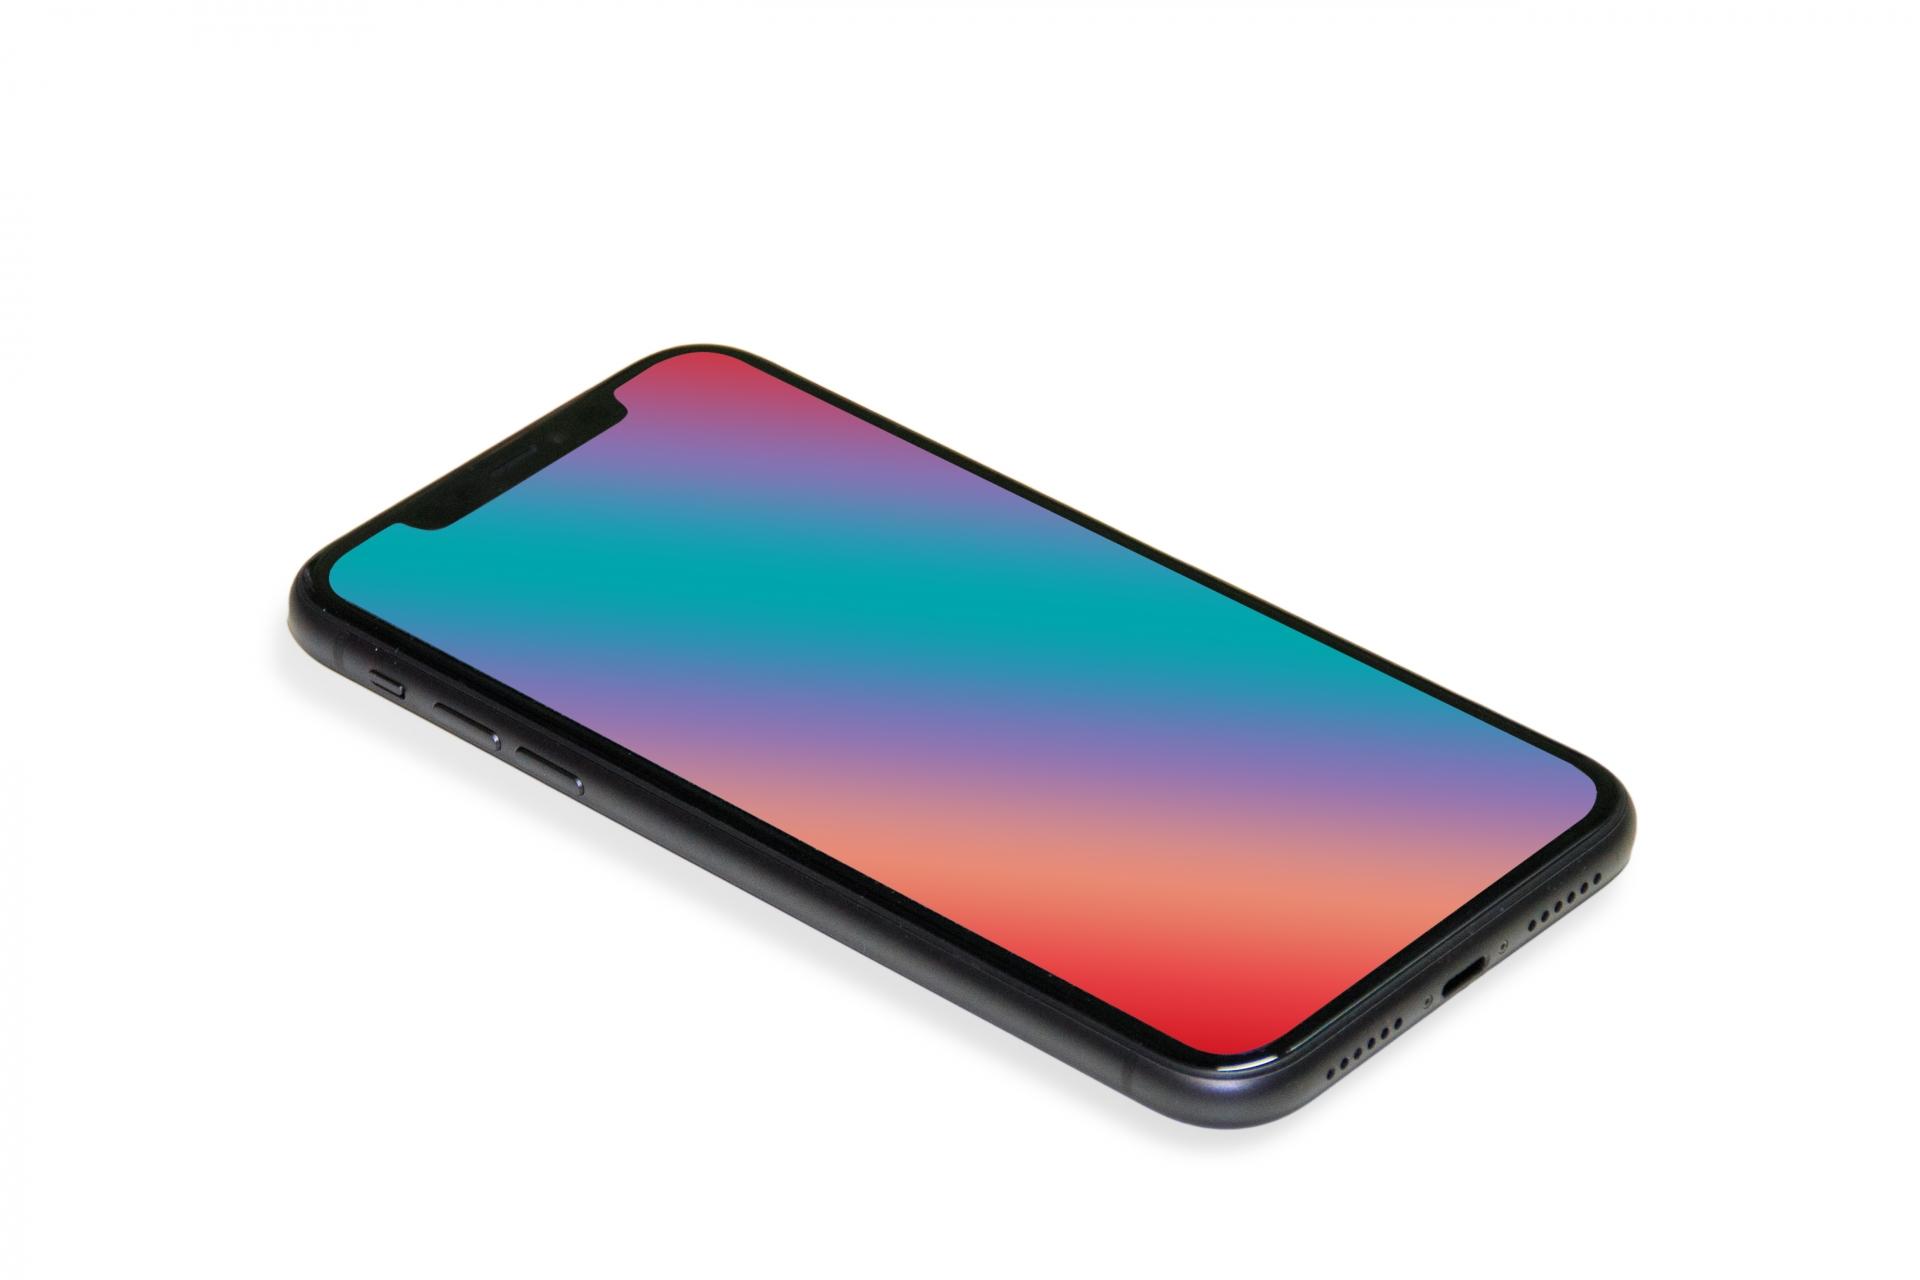 iPhoneは使える?auのpovo(ポヴォ)の対応機種について解説